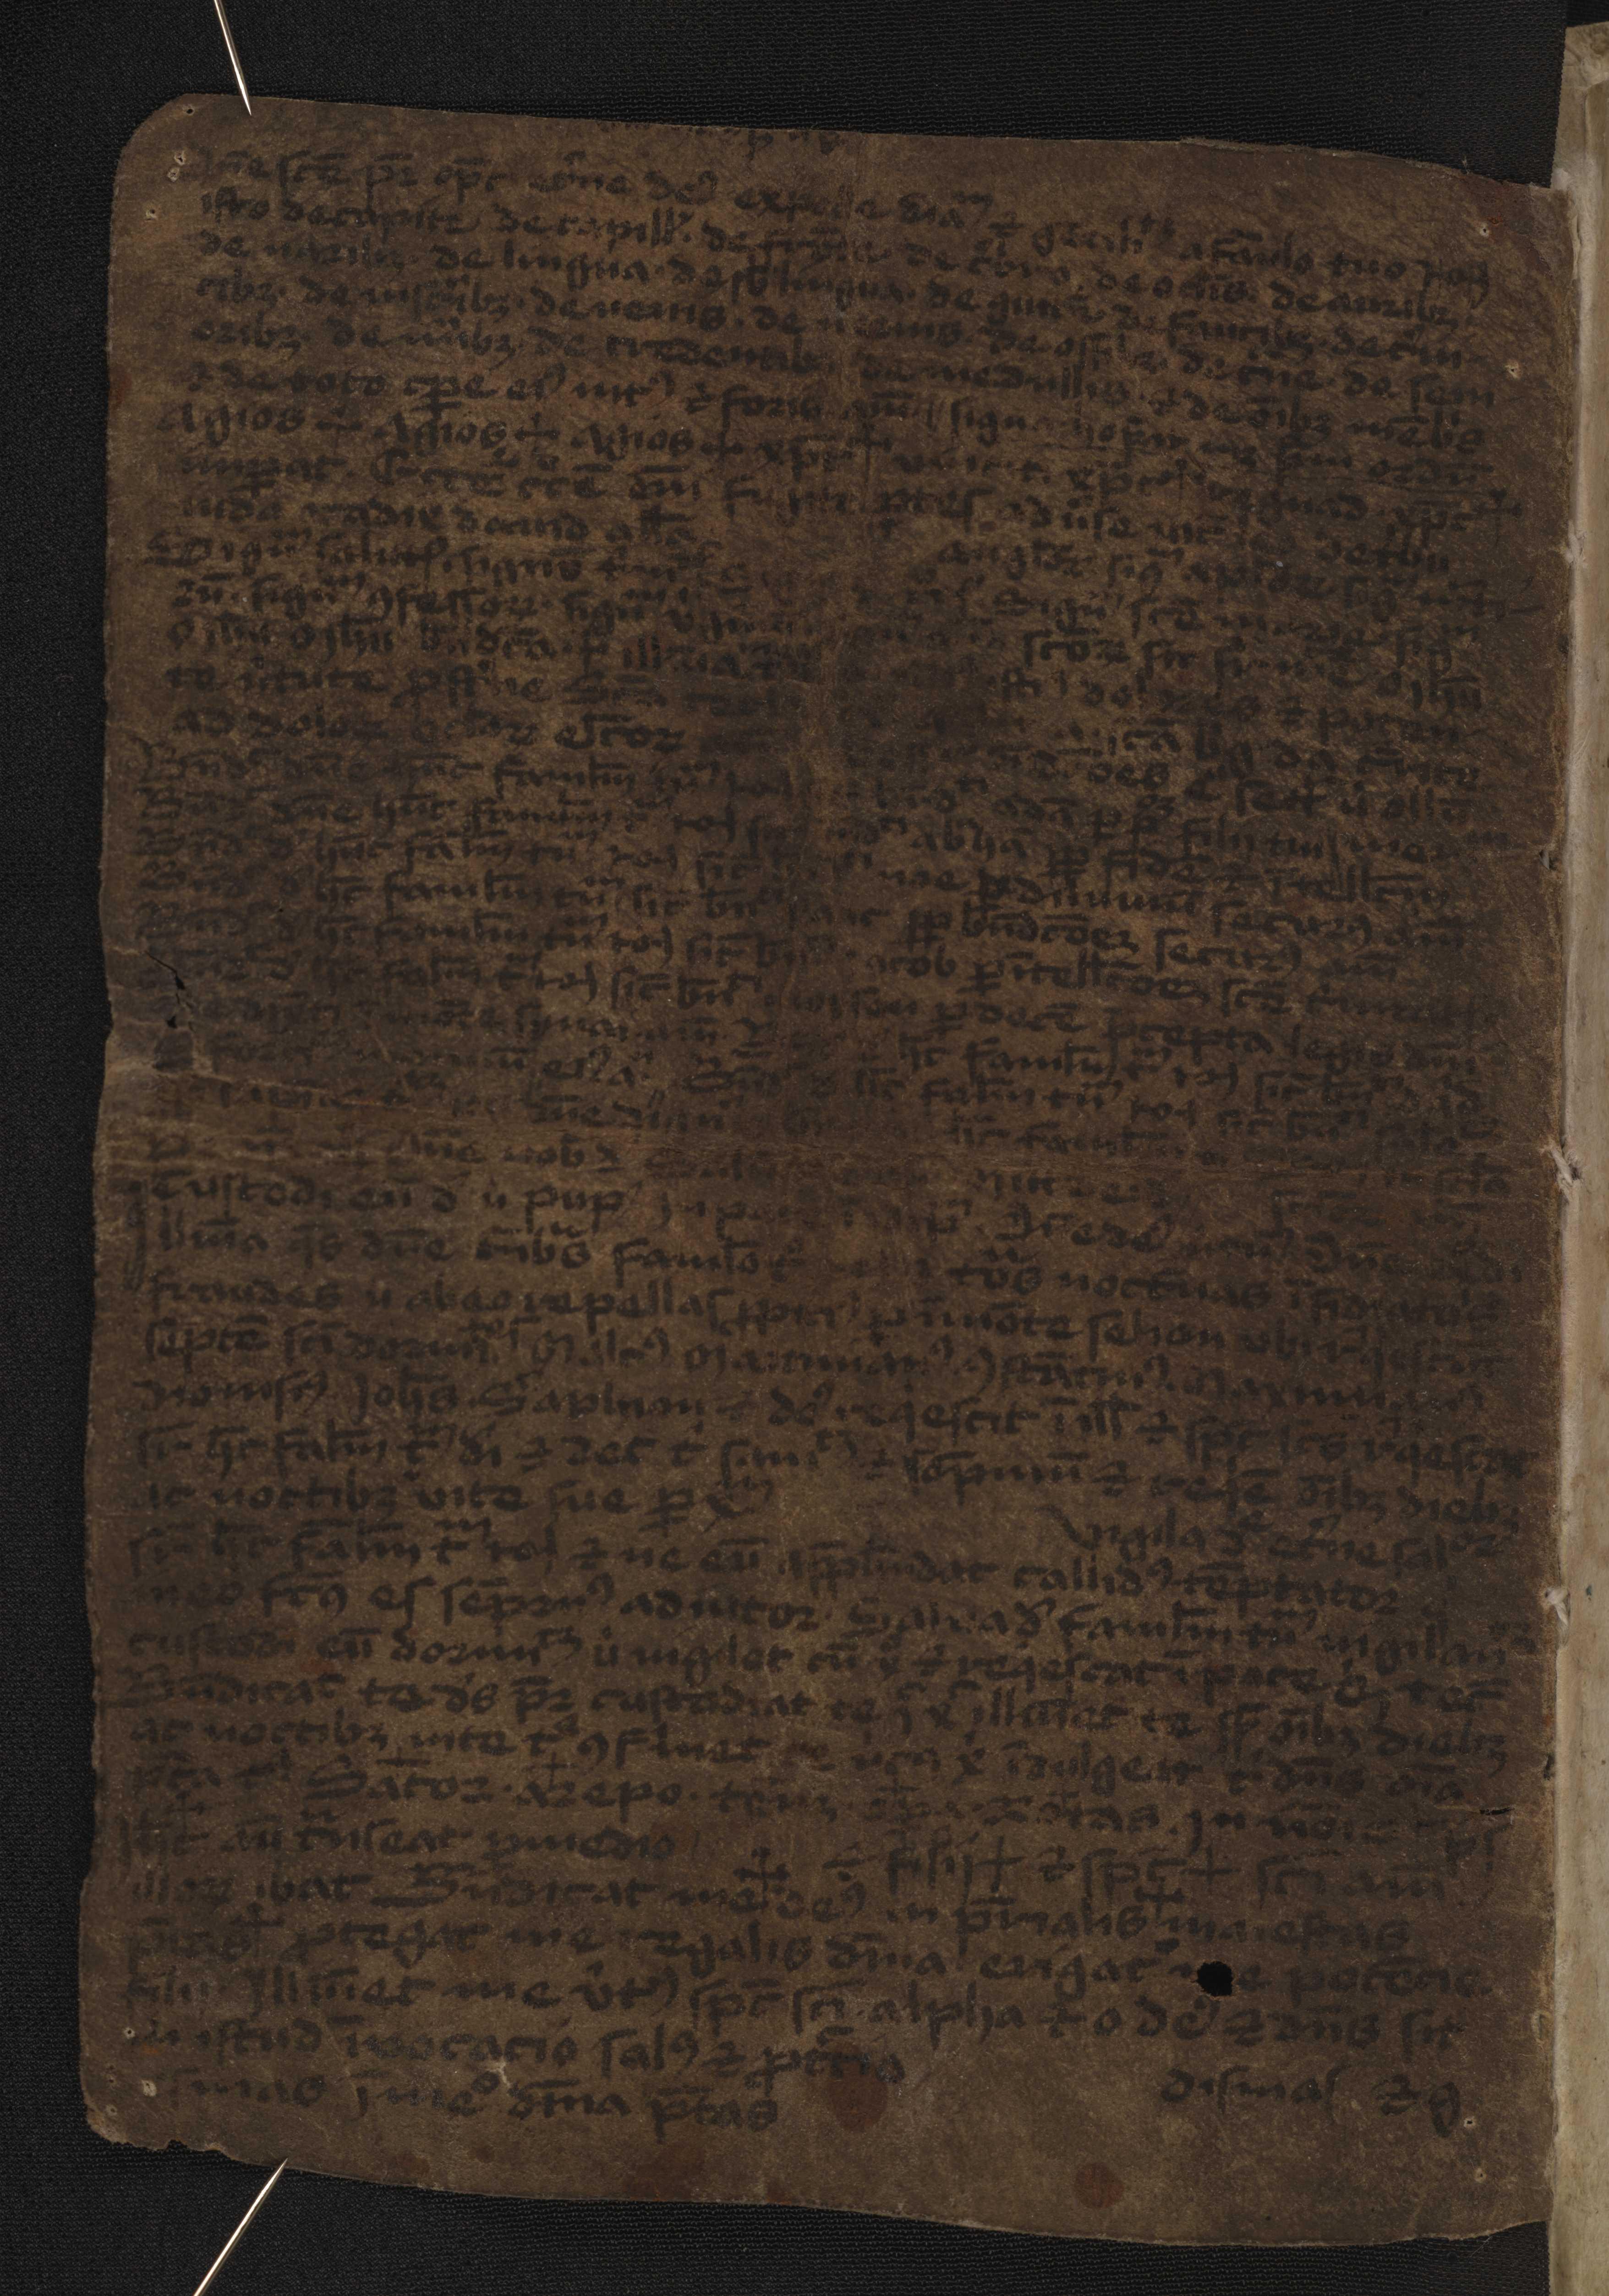 AM 687 d 4° - 2v